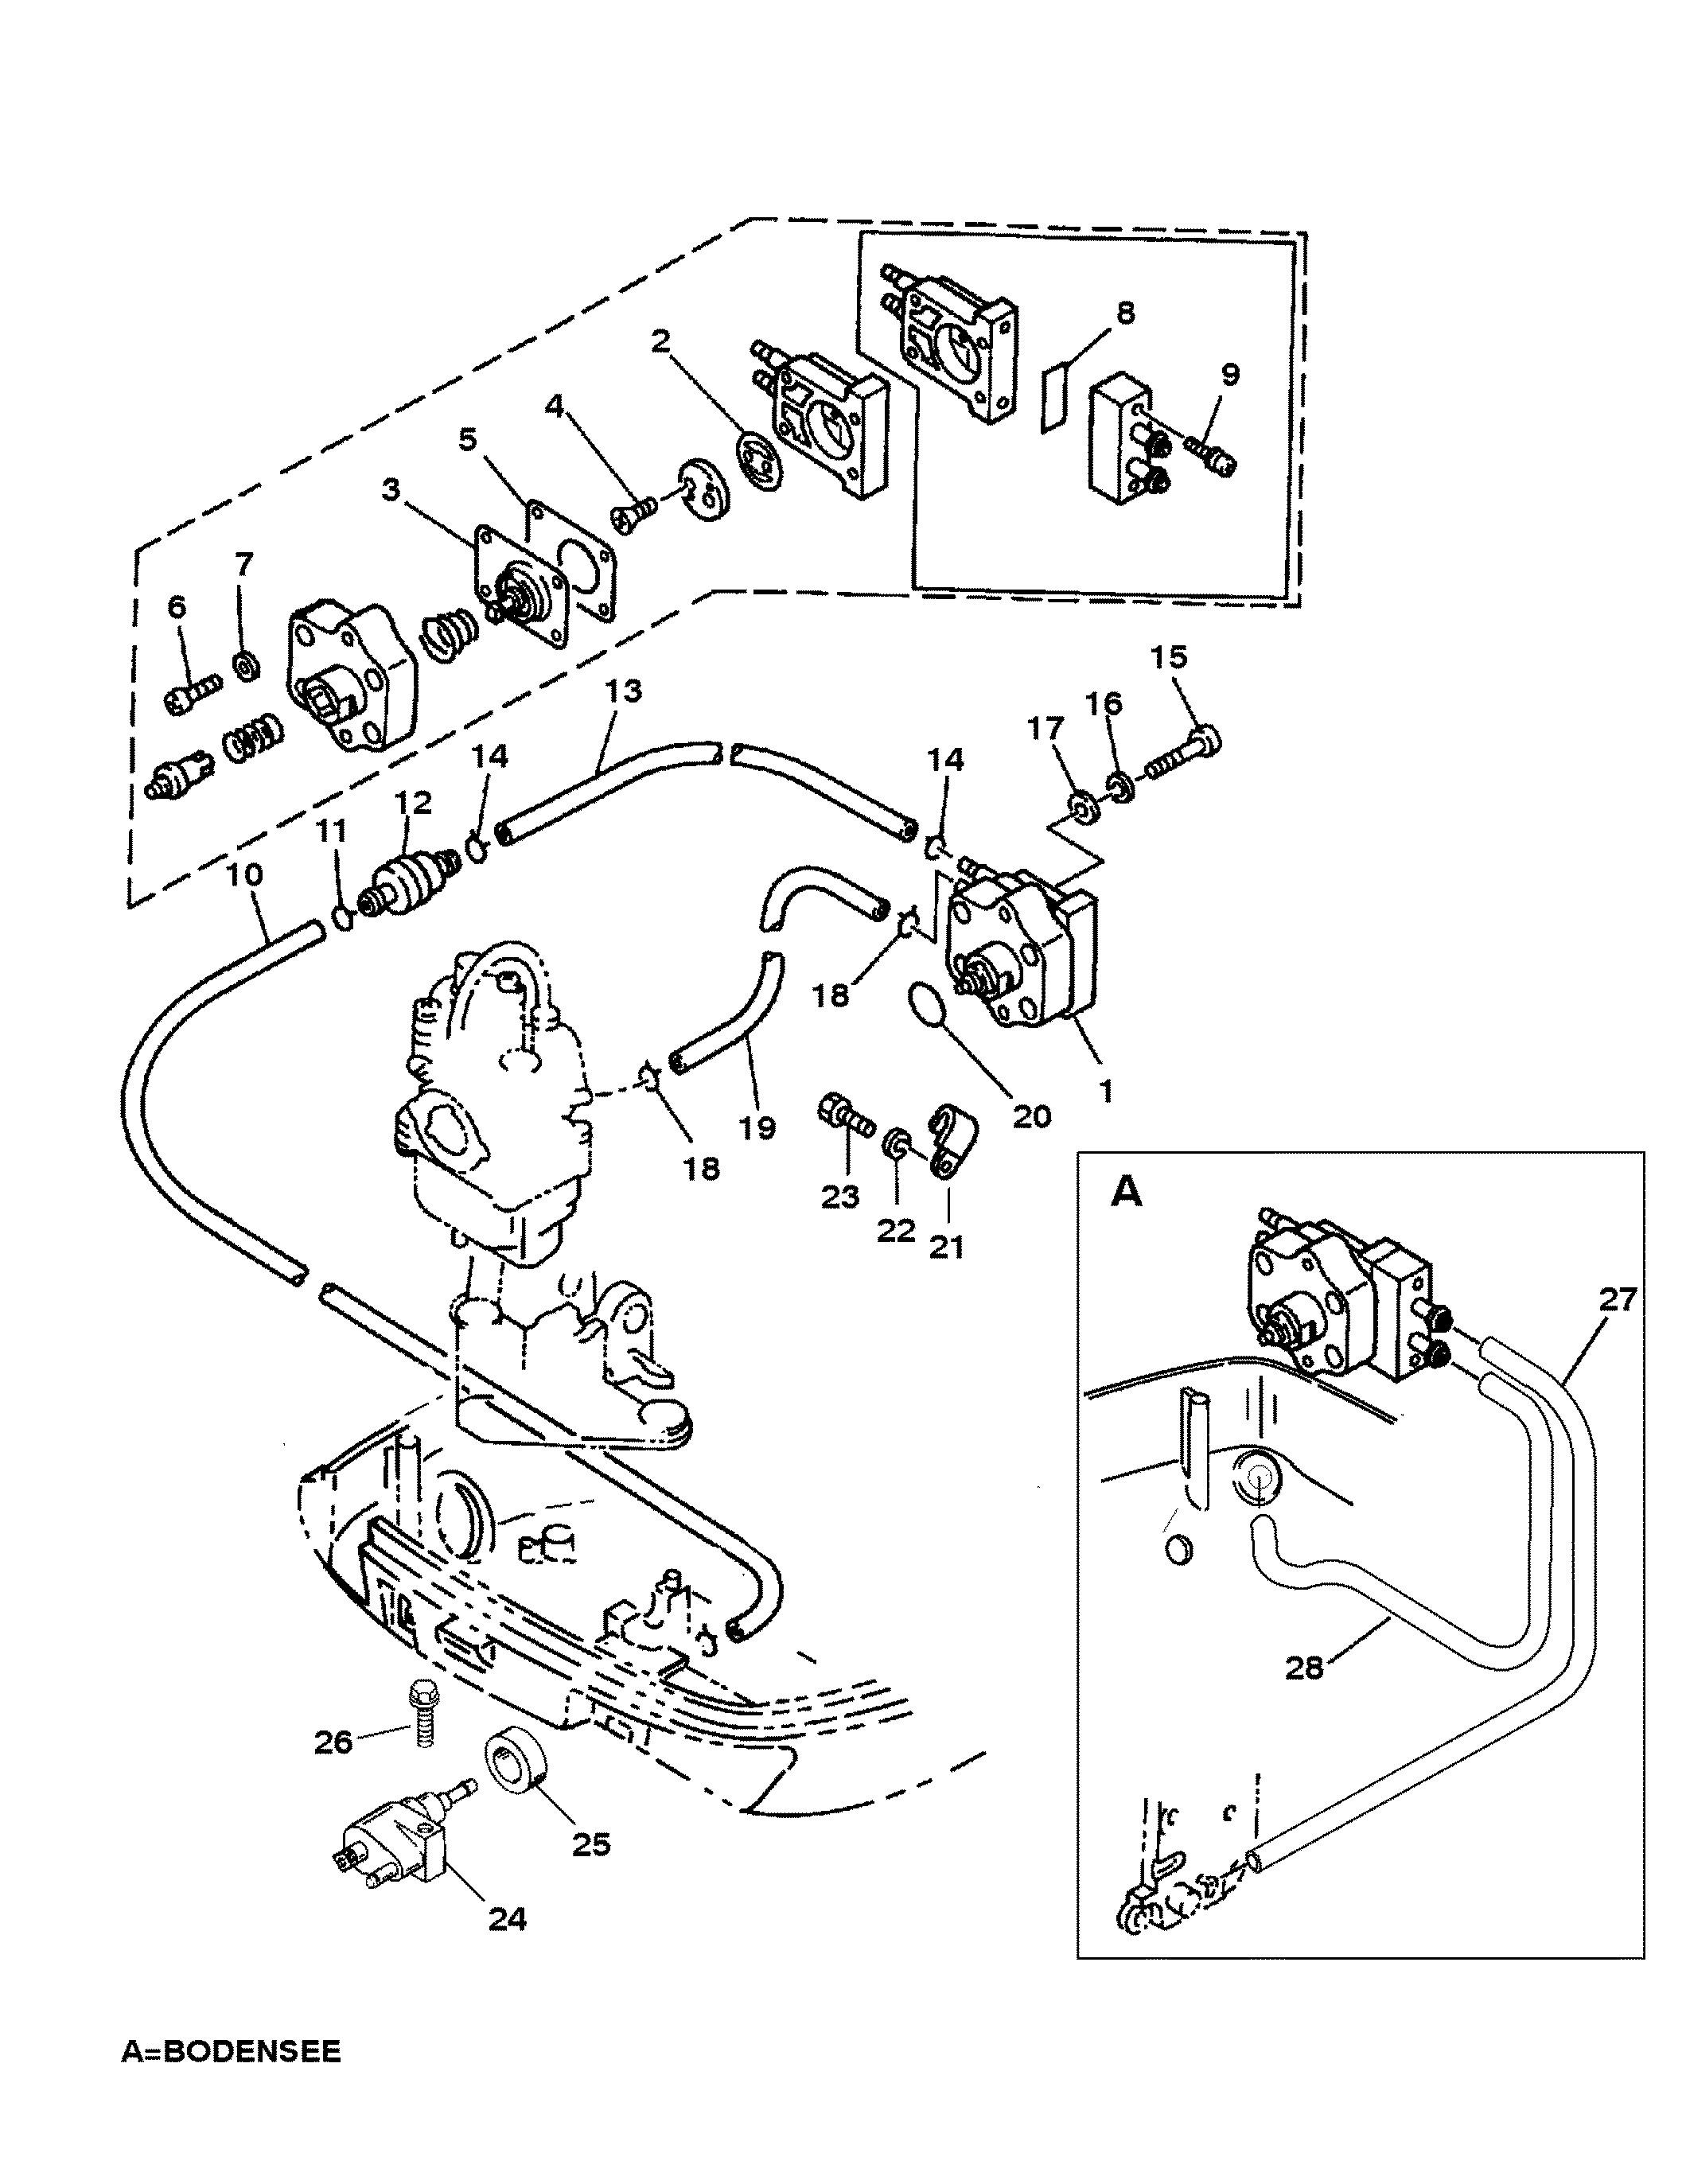 4 stroke engine diagram parts mercury mercury 25 4 stroke